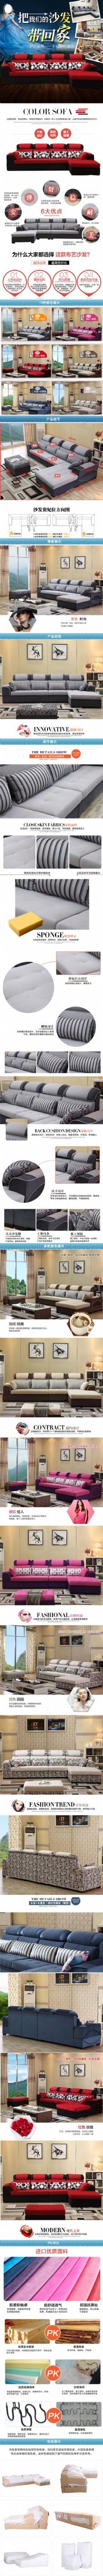 沙发 布艺沙发 可拆洗简约现代客厅家具